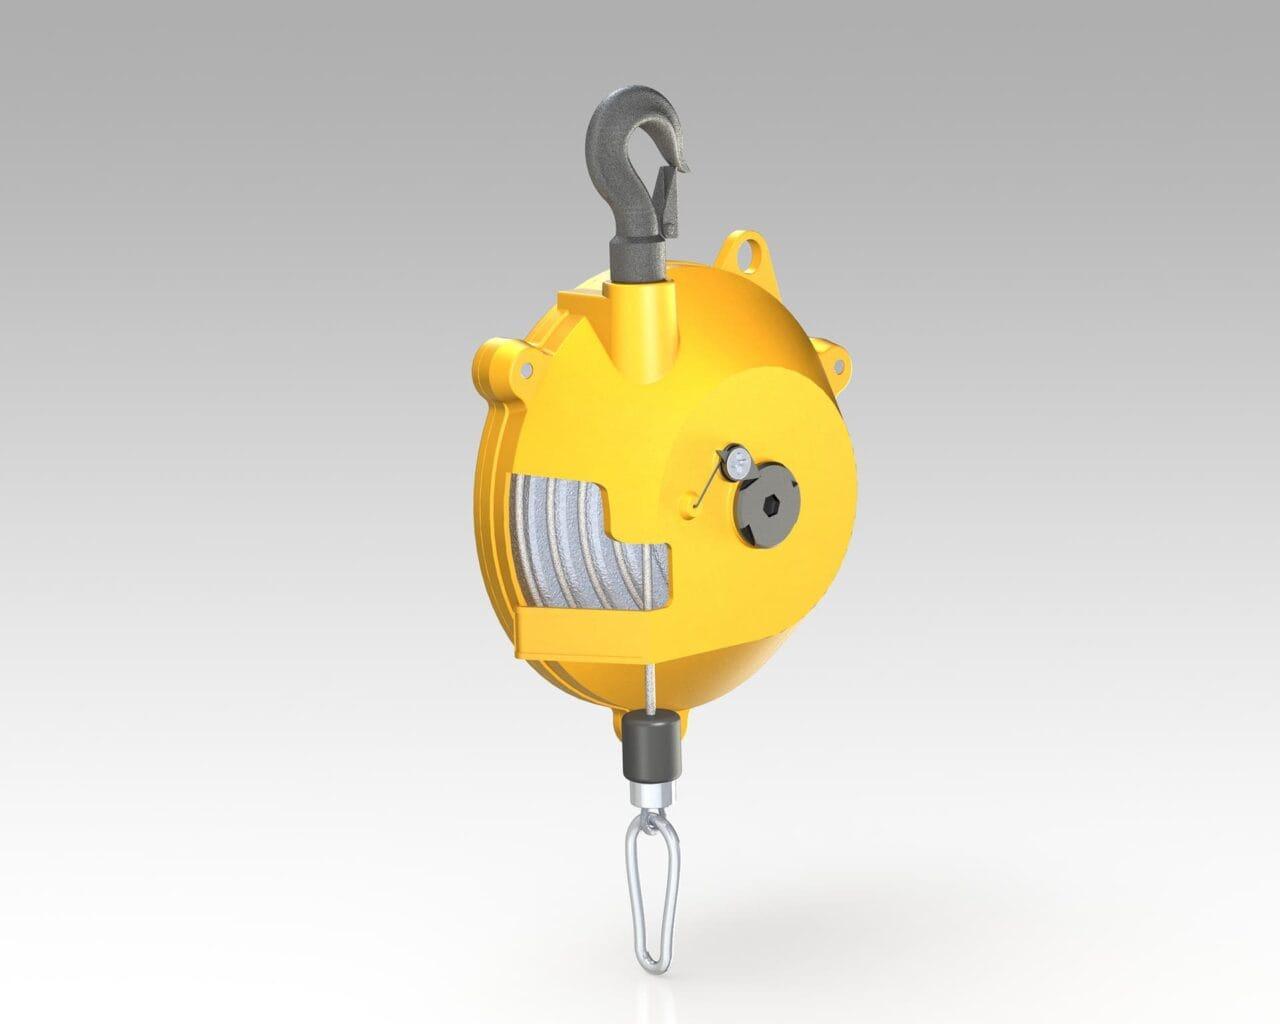 PEK3 Easytube Metal Accessories Floating Balancer